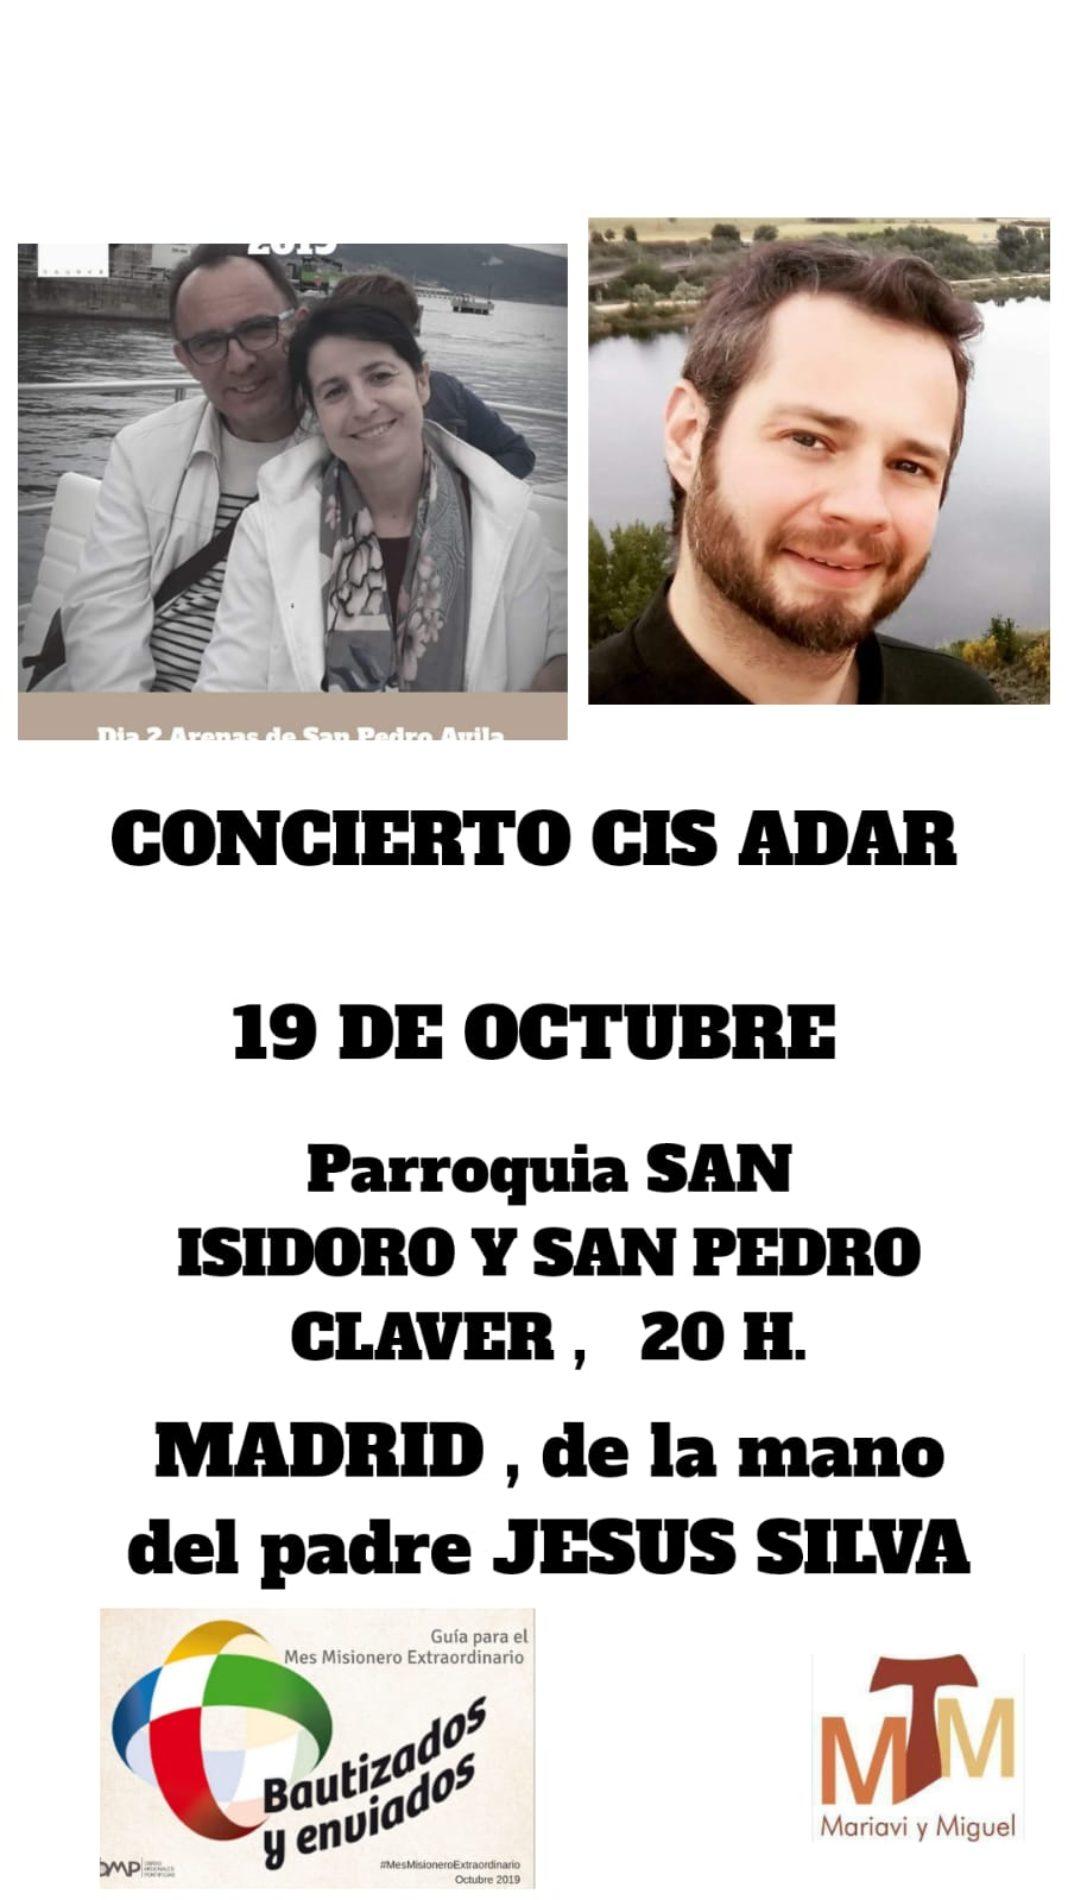 Concierto de Cis Adar en Madrid 4